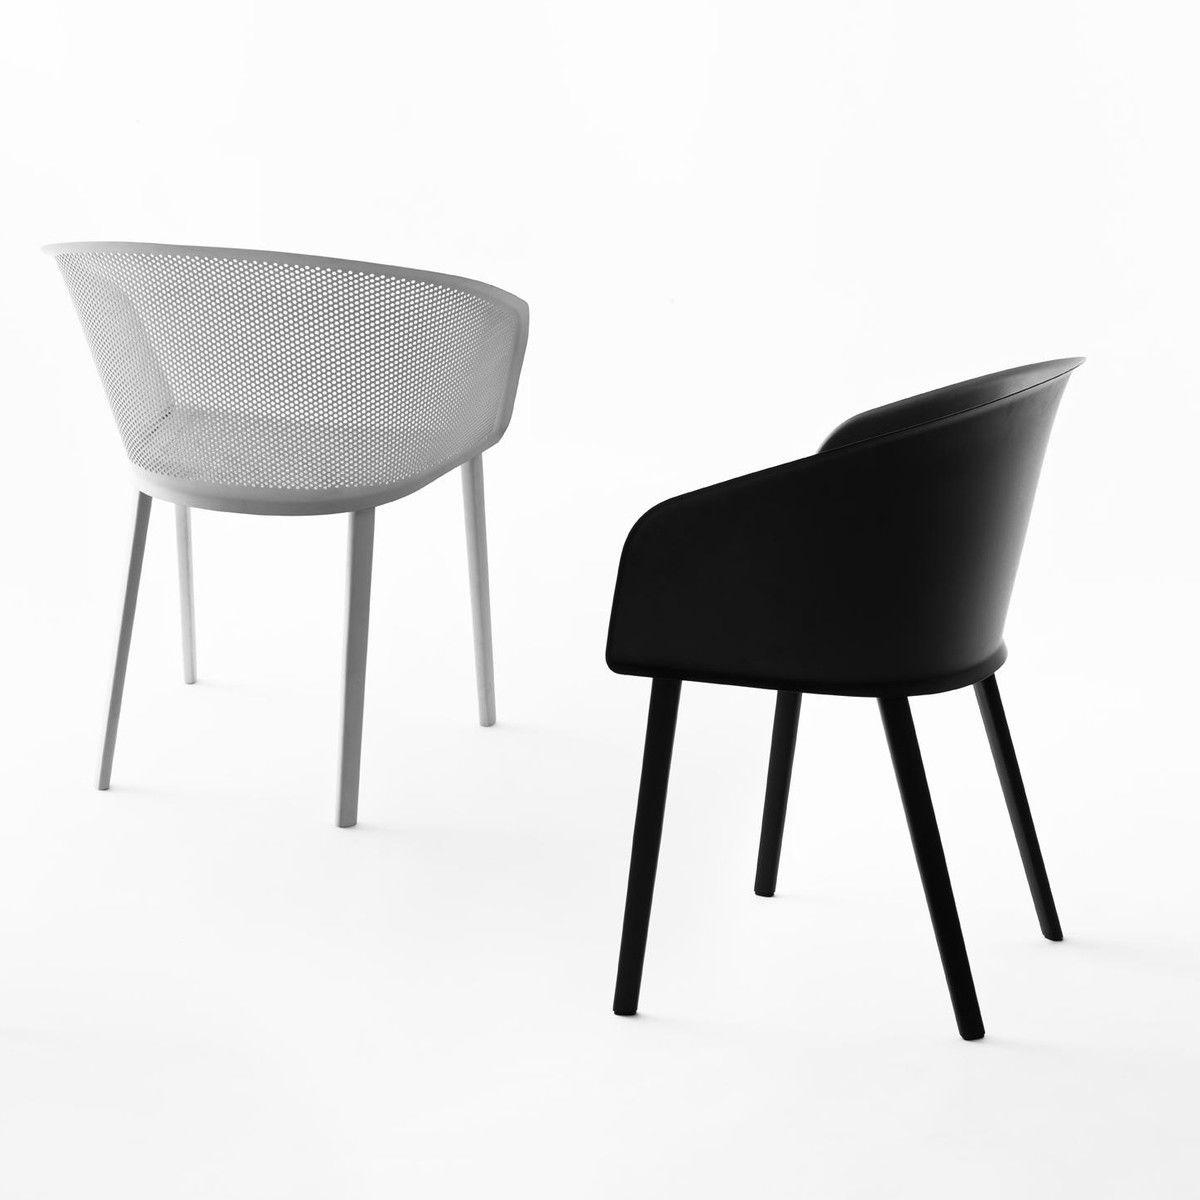 Stampa solid silla con reposabrazos kettal for Sillas de salon con reposabrazos